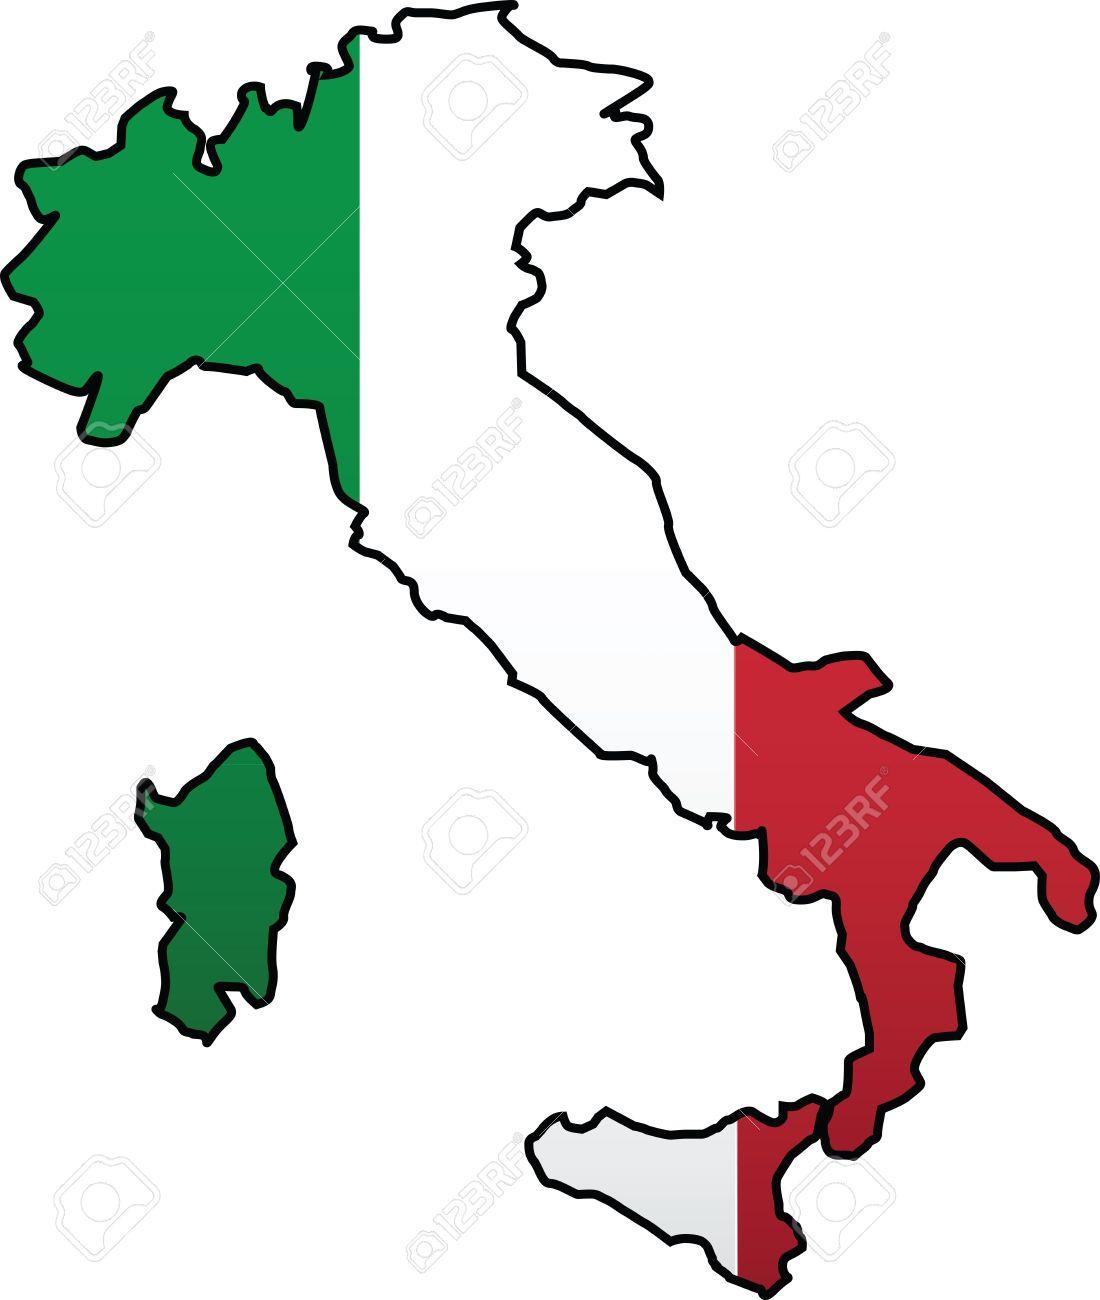 1100x1300 Italy